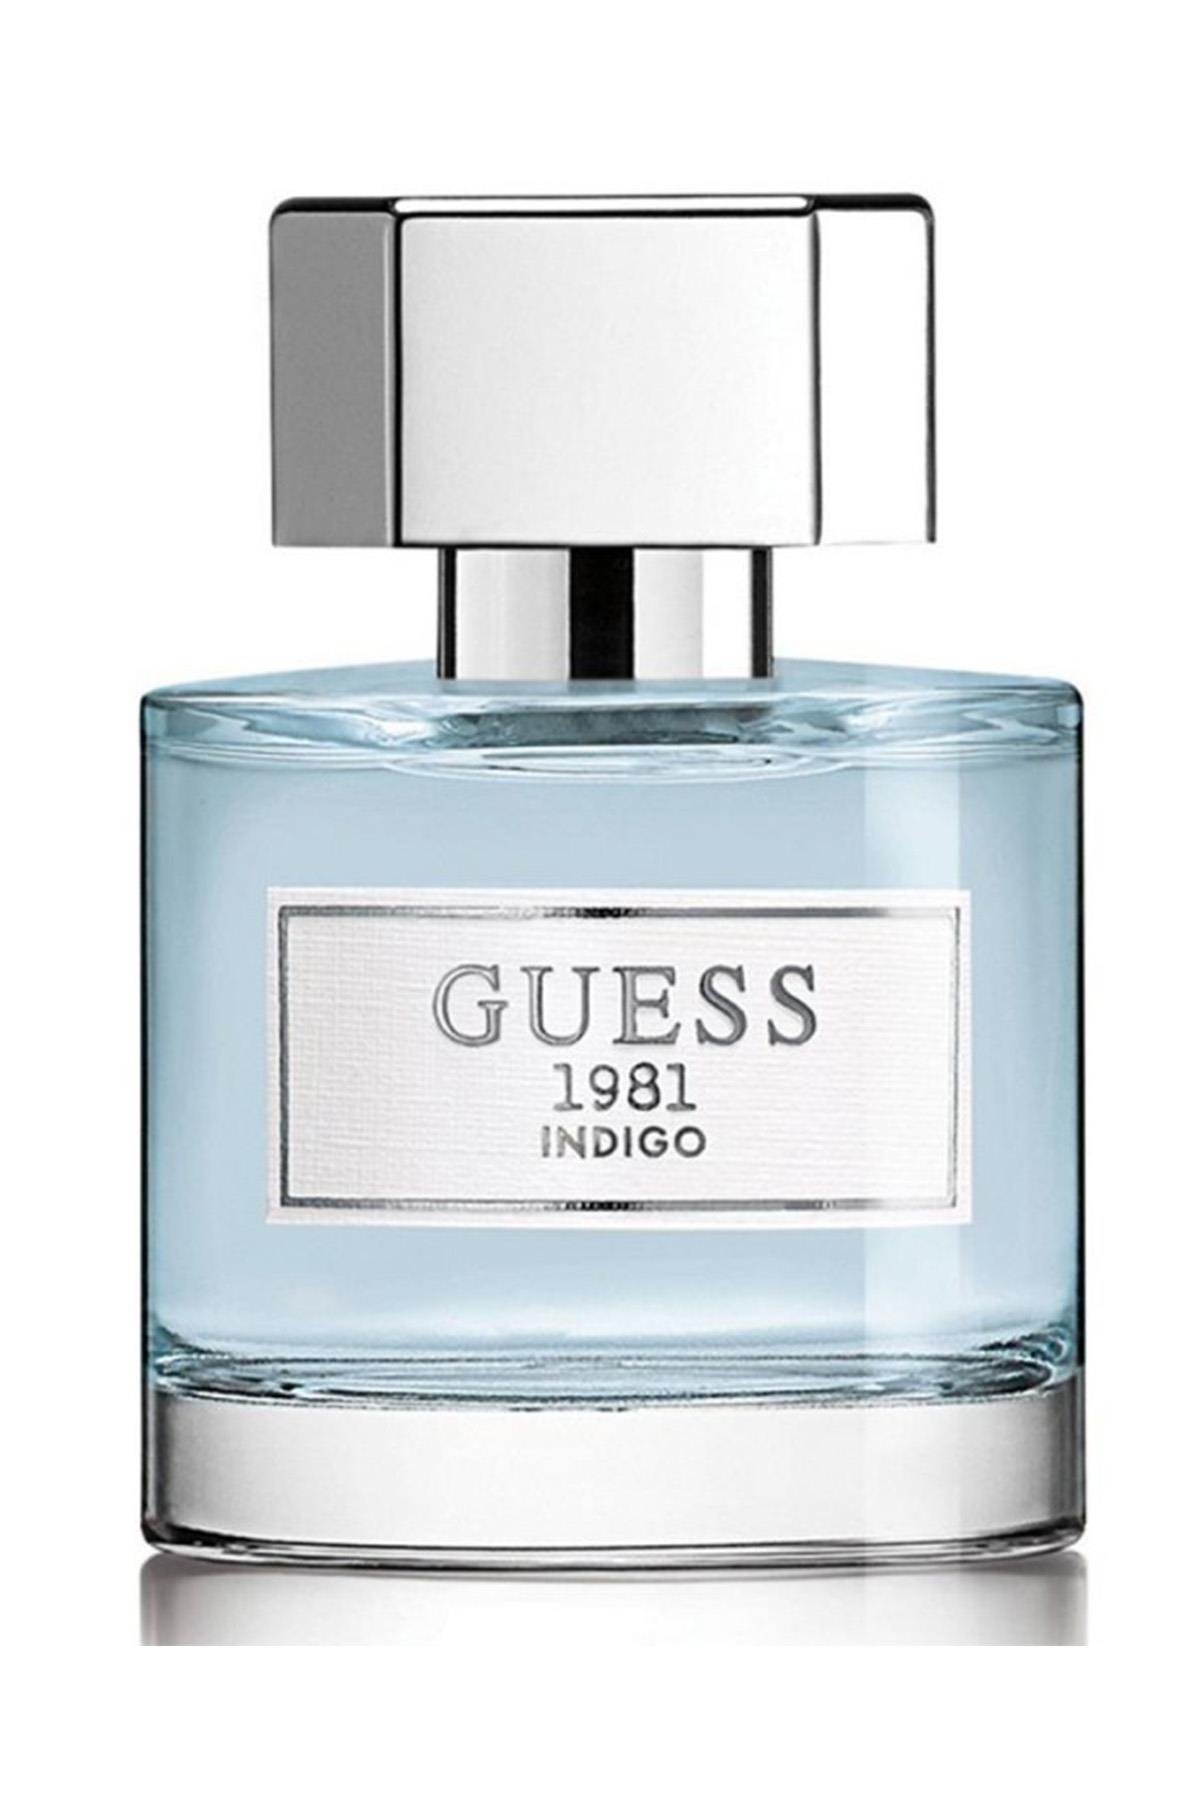 Guess 1981 Indigo EDT 100 ml Kadın Parfüm